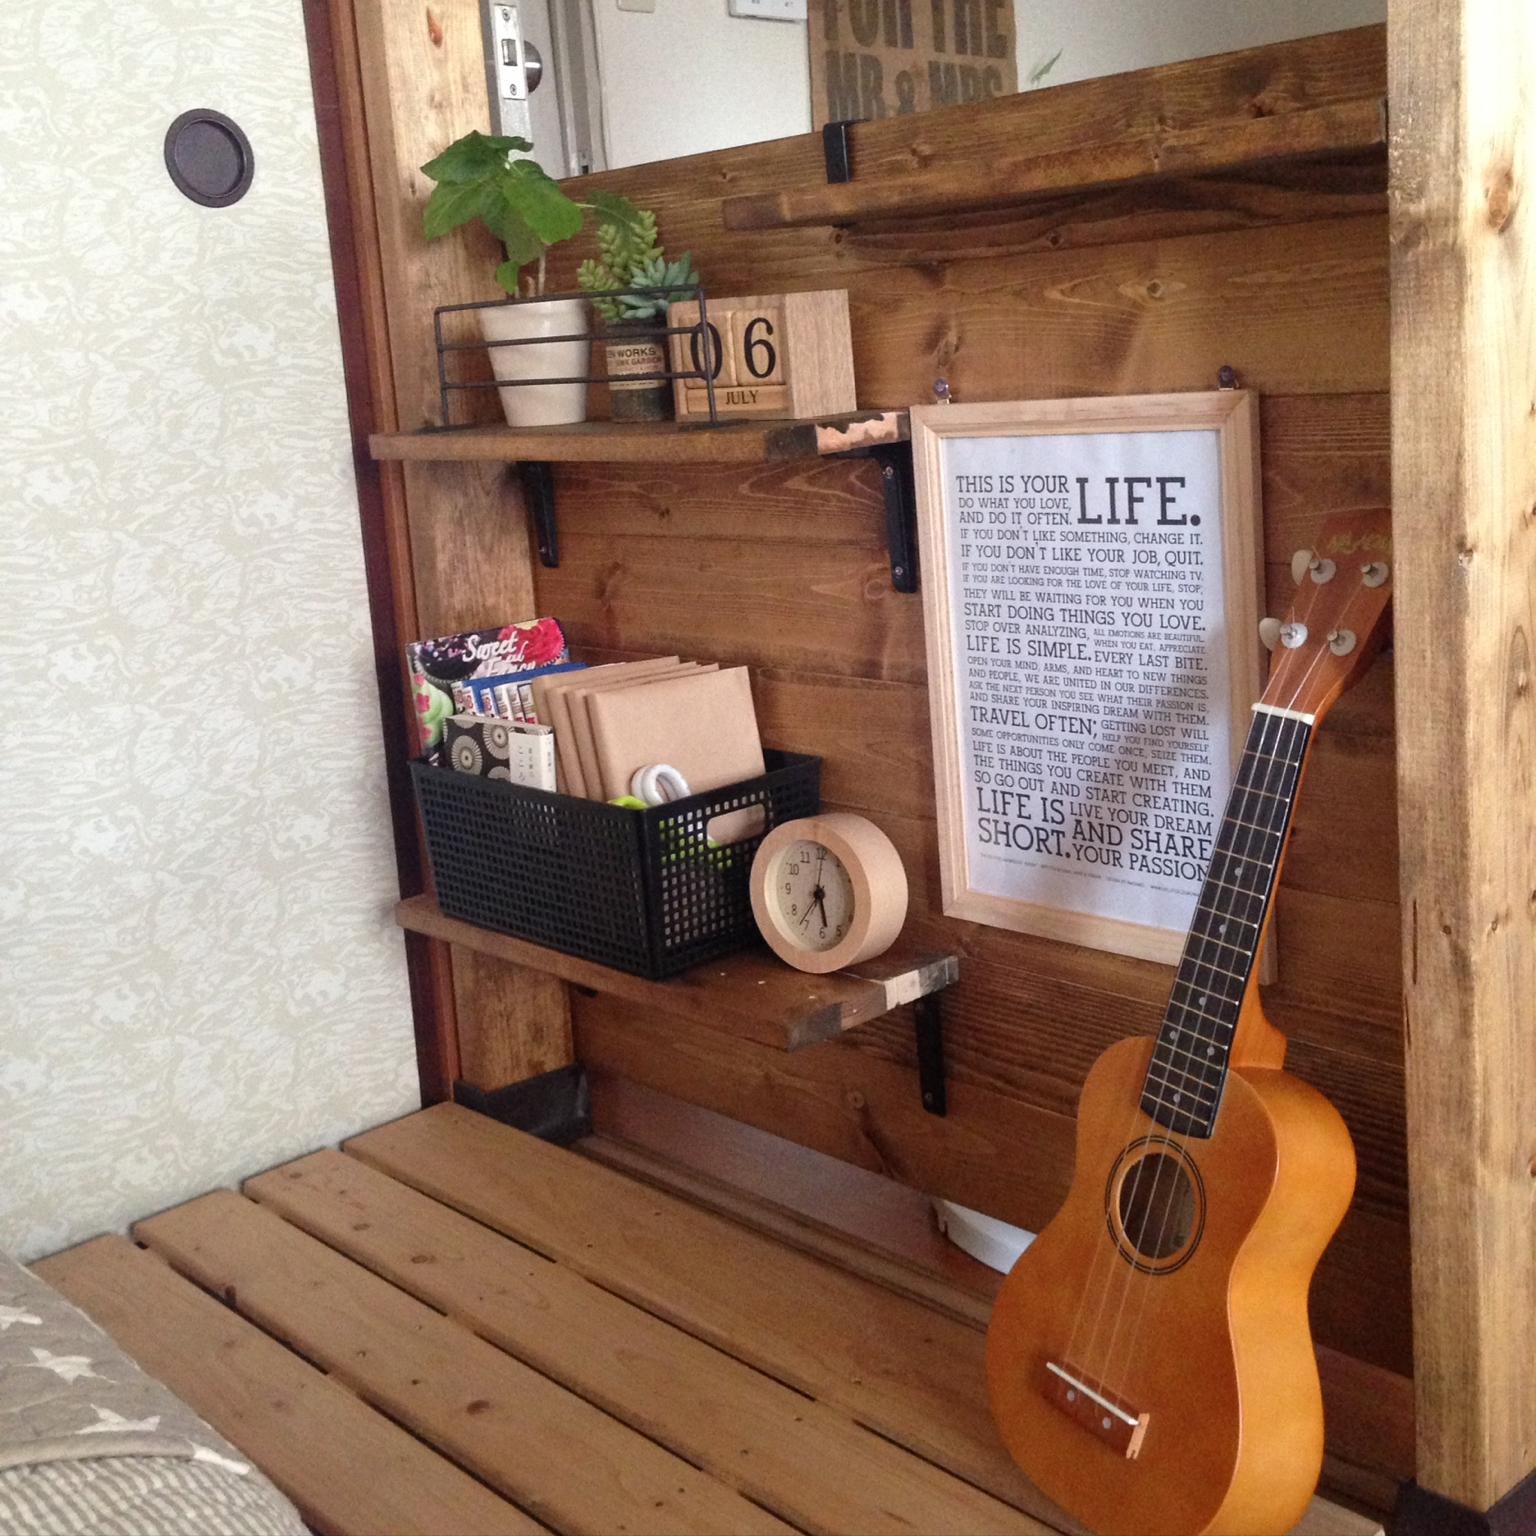 見せる収納でワンランク上のオシャレ空間 おすすめ家具